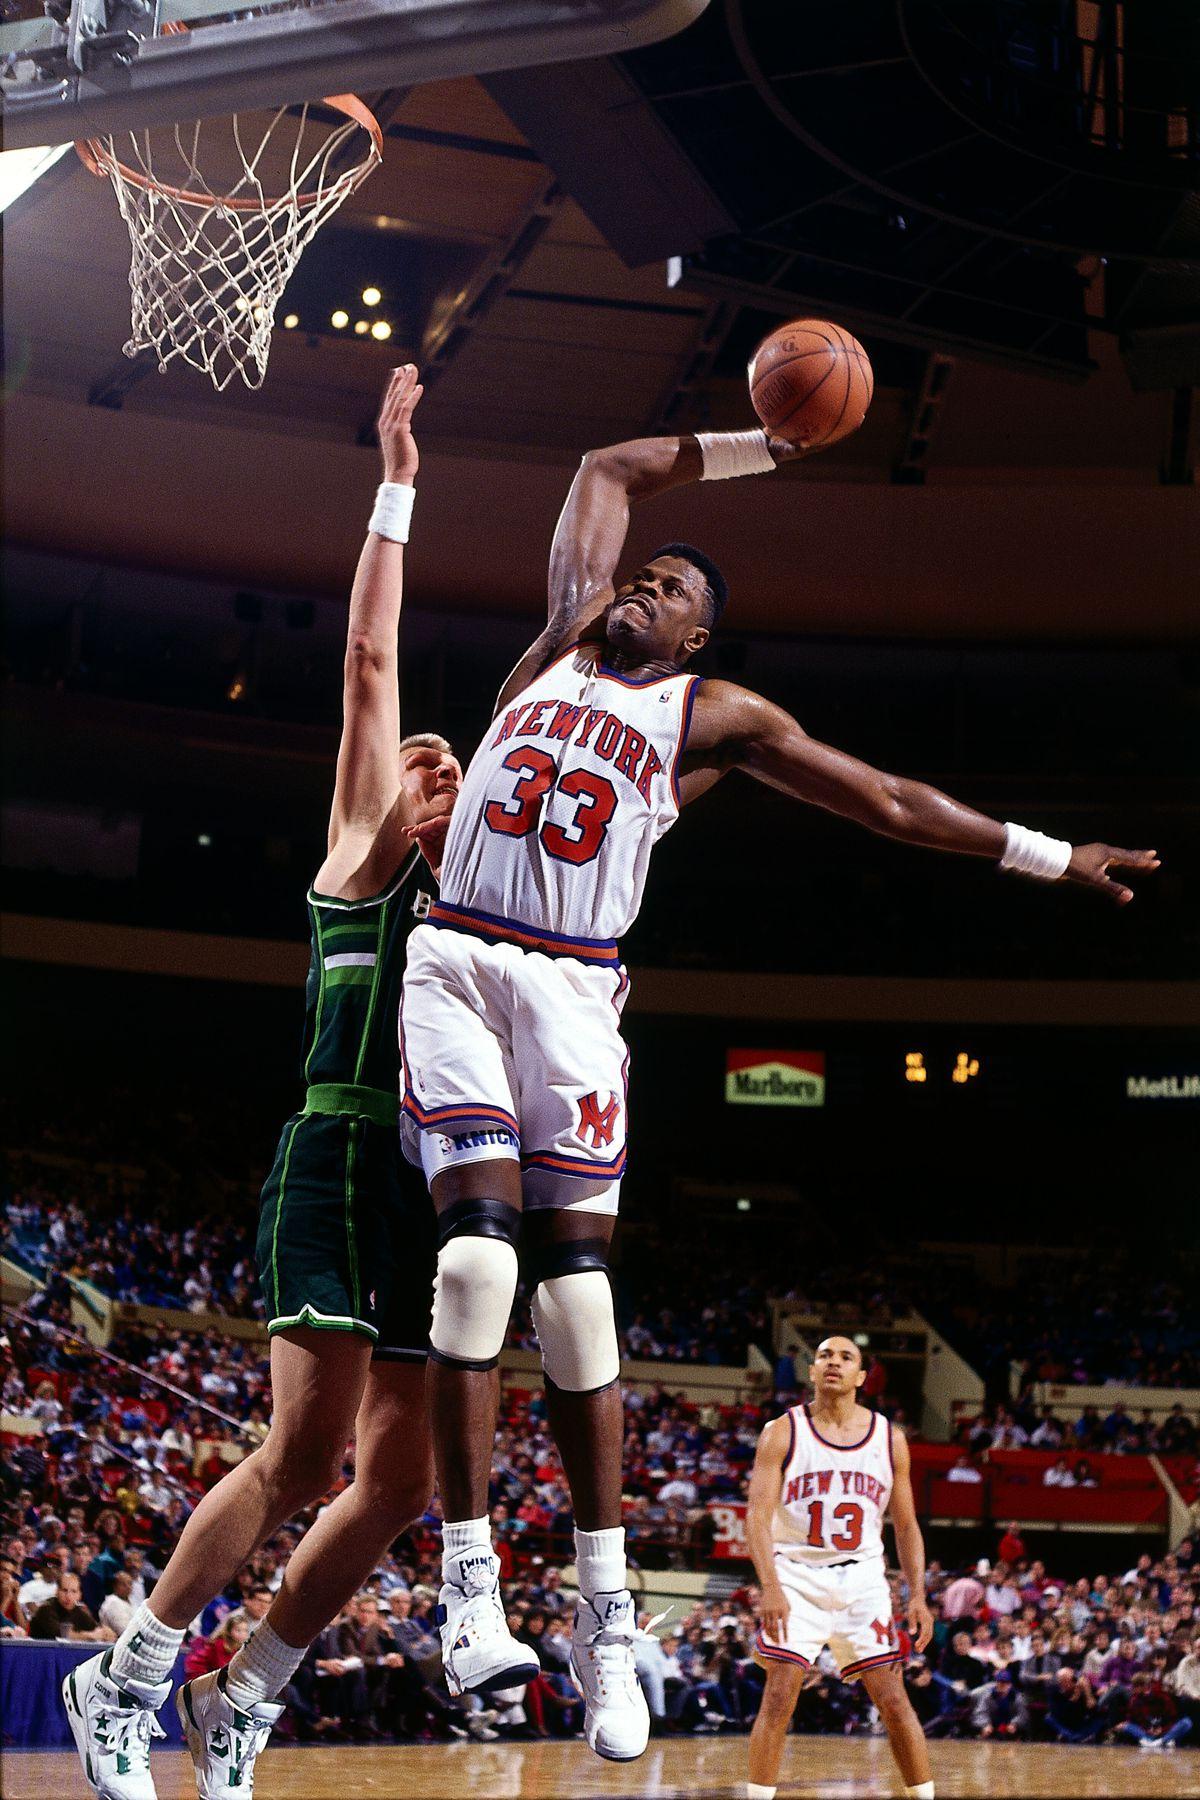 Ewing dunks